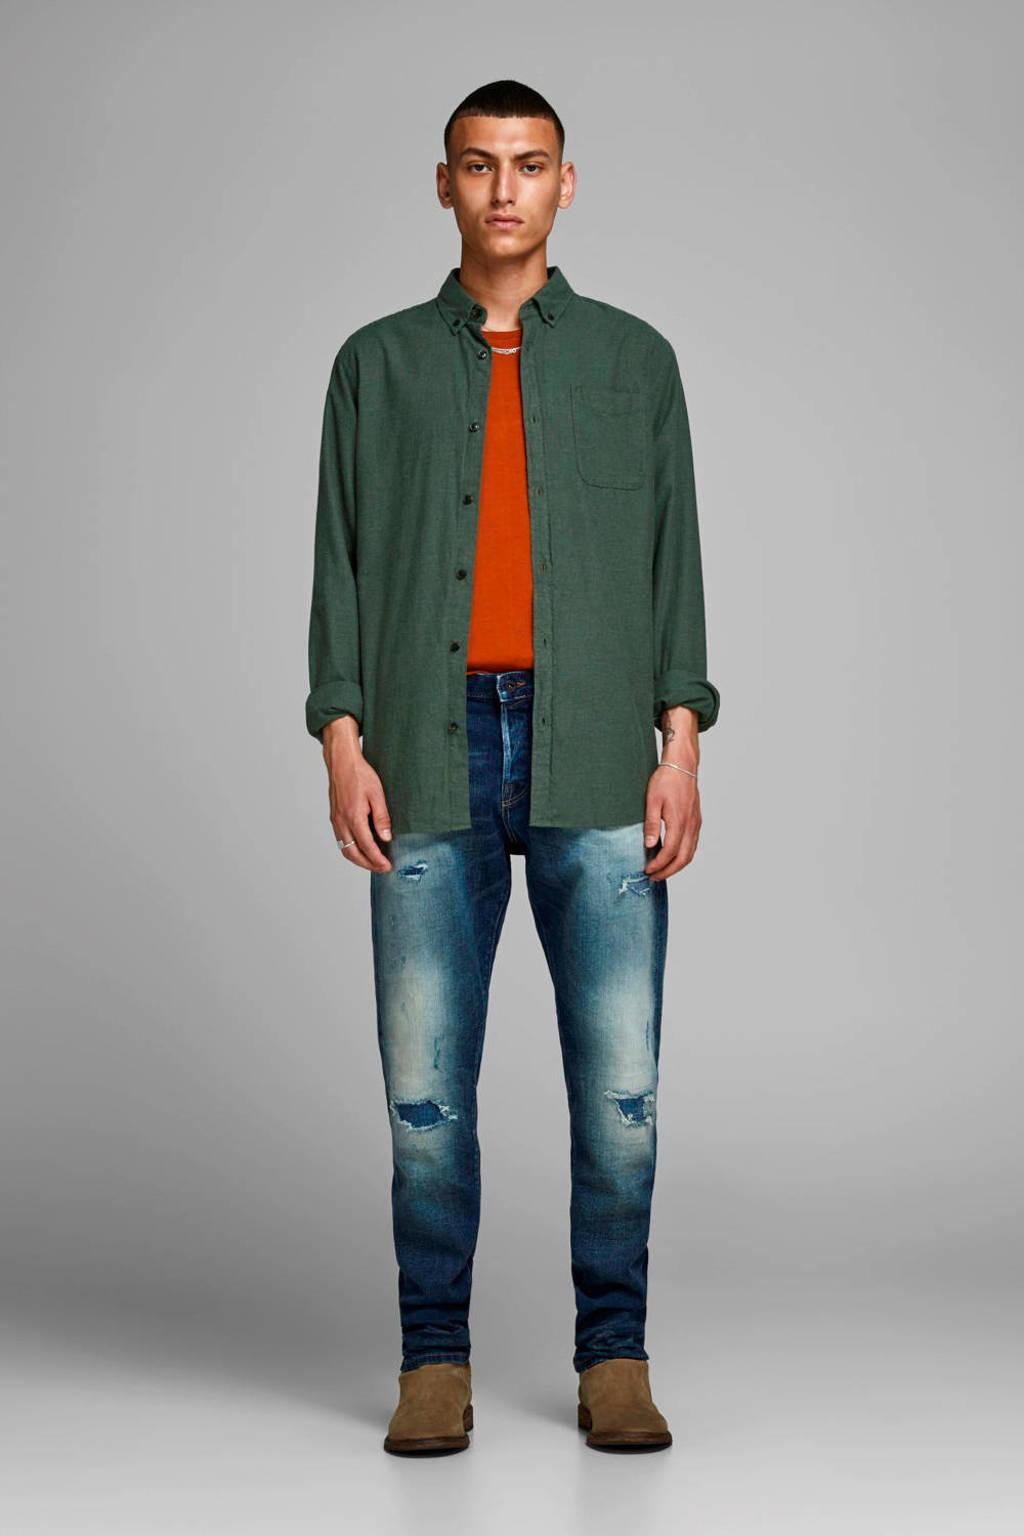 JACK & JONES ESSENTIALS slim fit overhemd olijfgroen, Olijfgroen